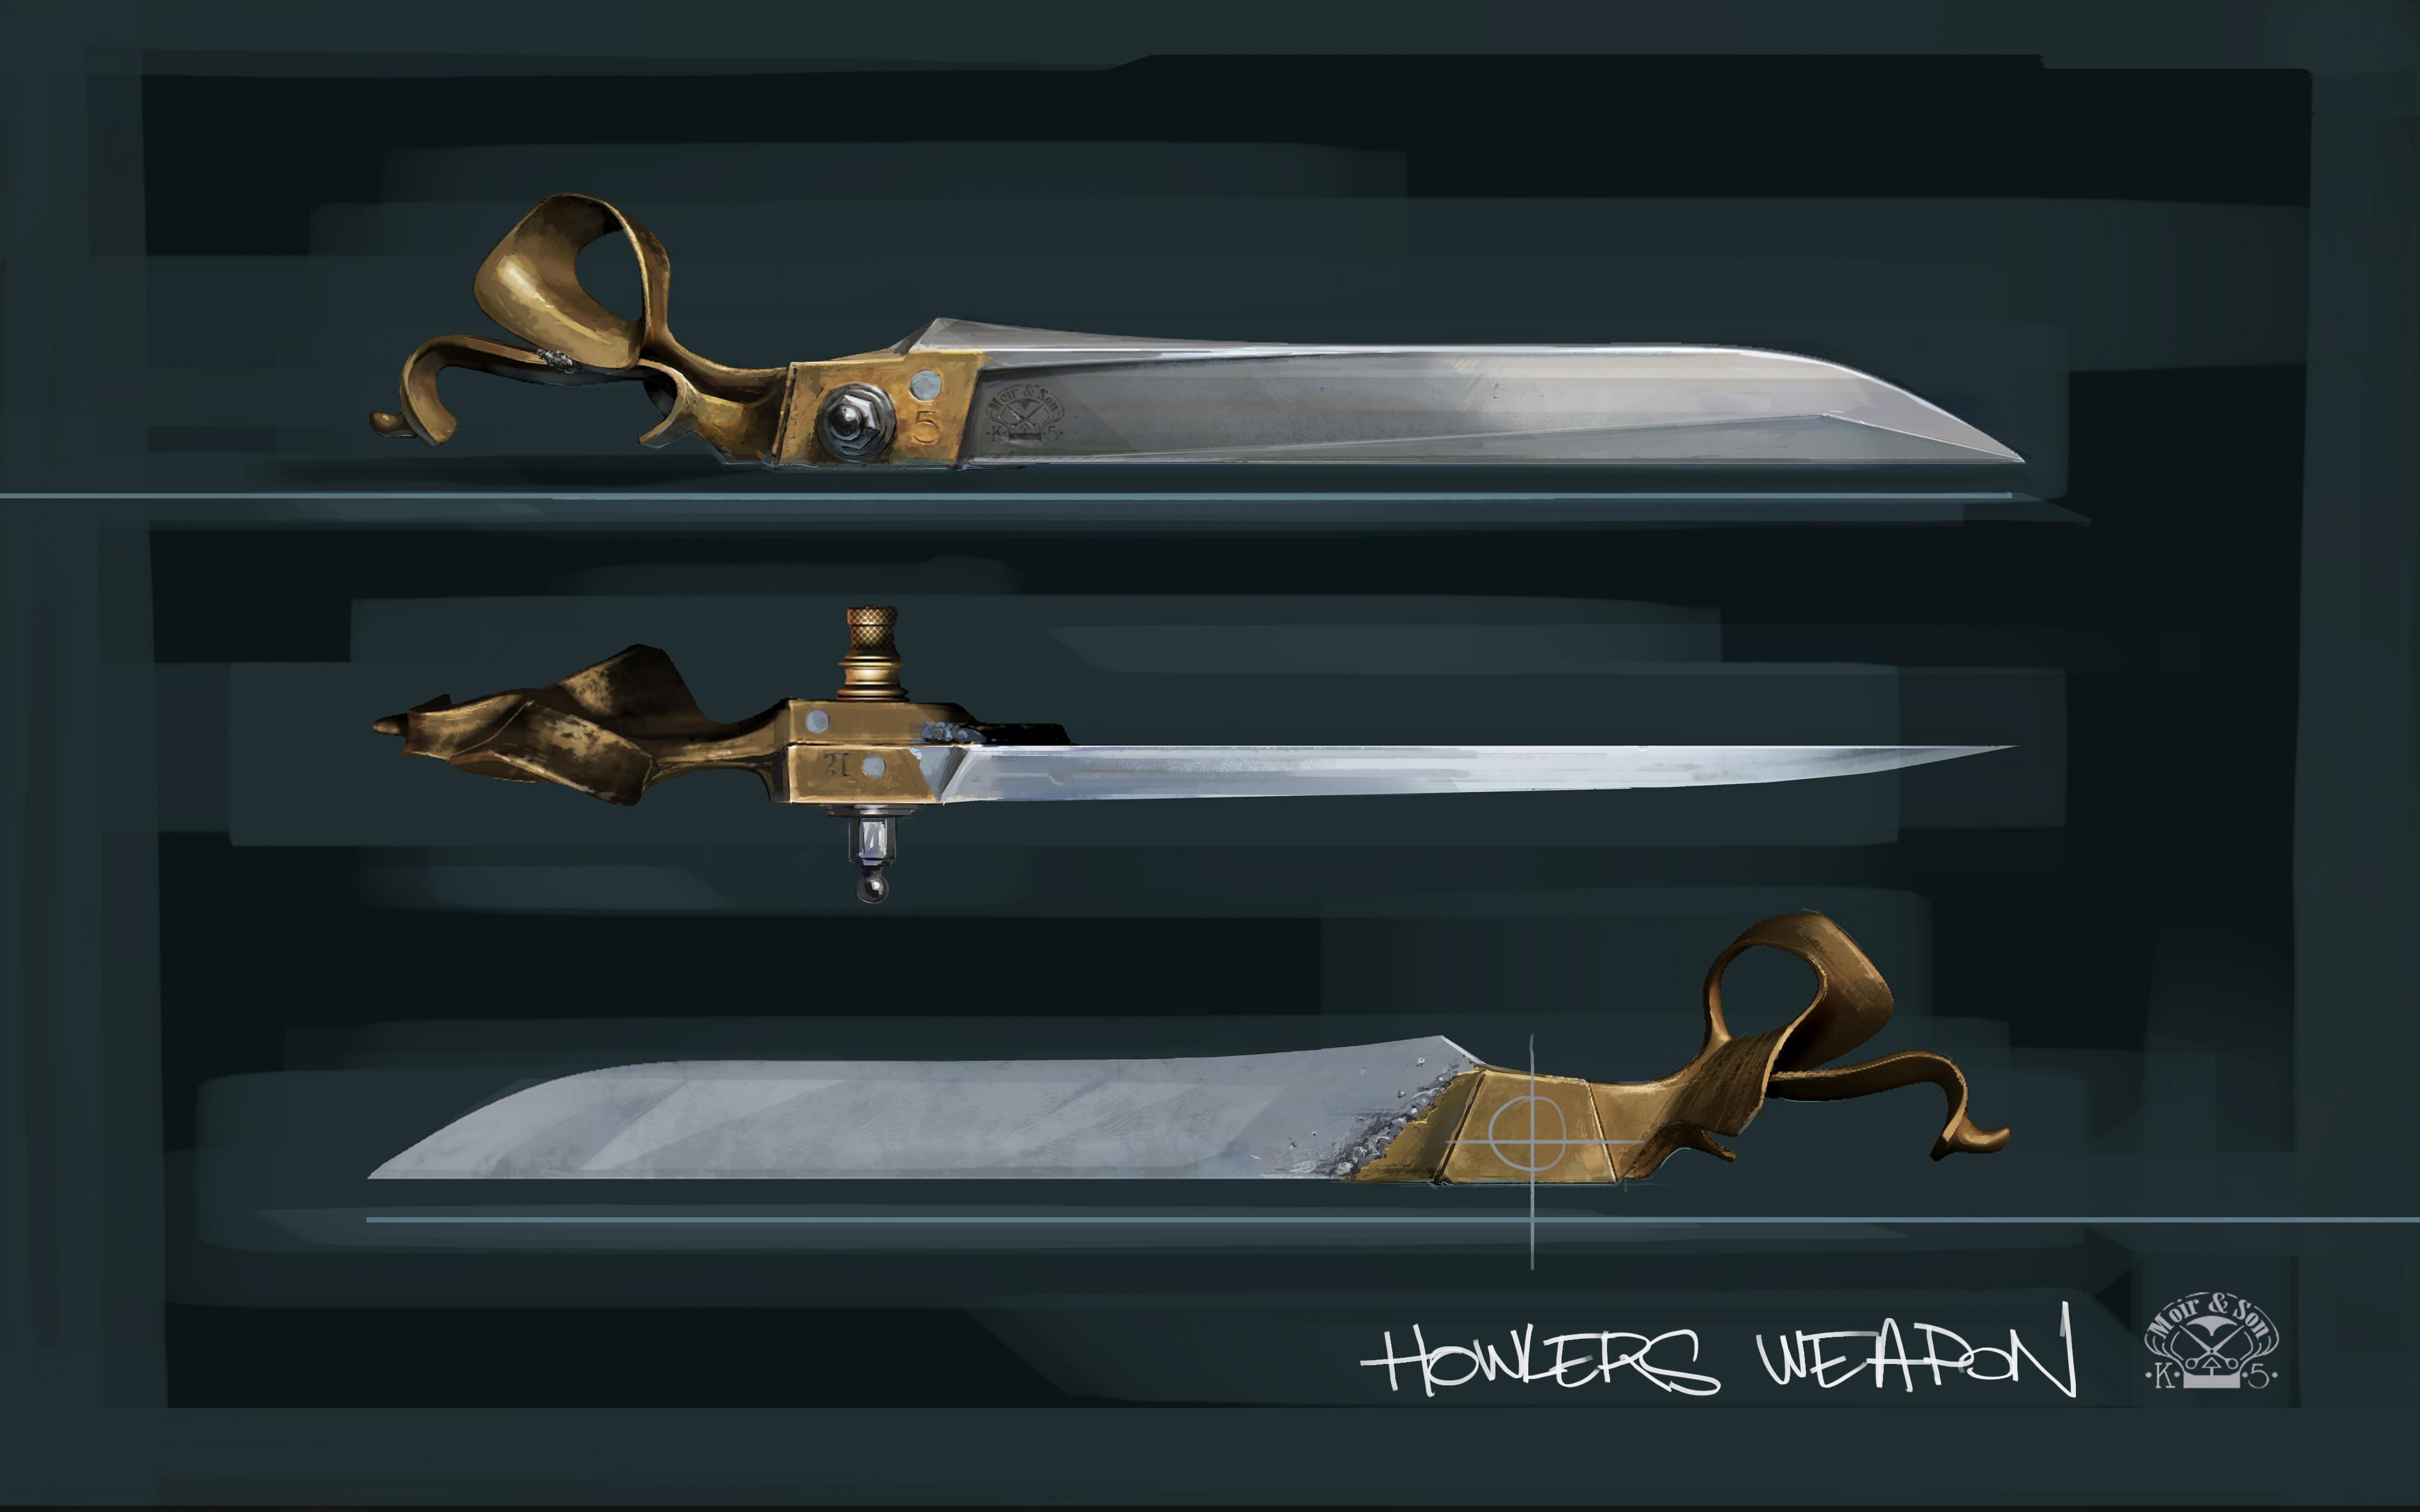 Prohlédněte si zbraně z Dishonored 2 132176